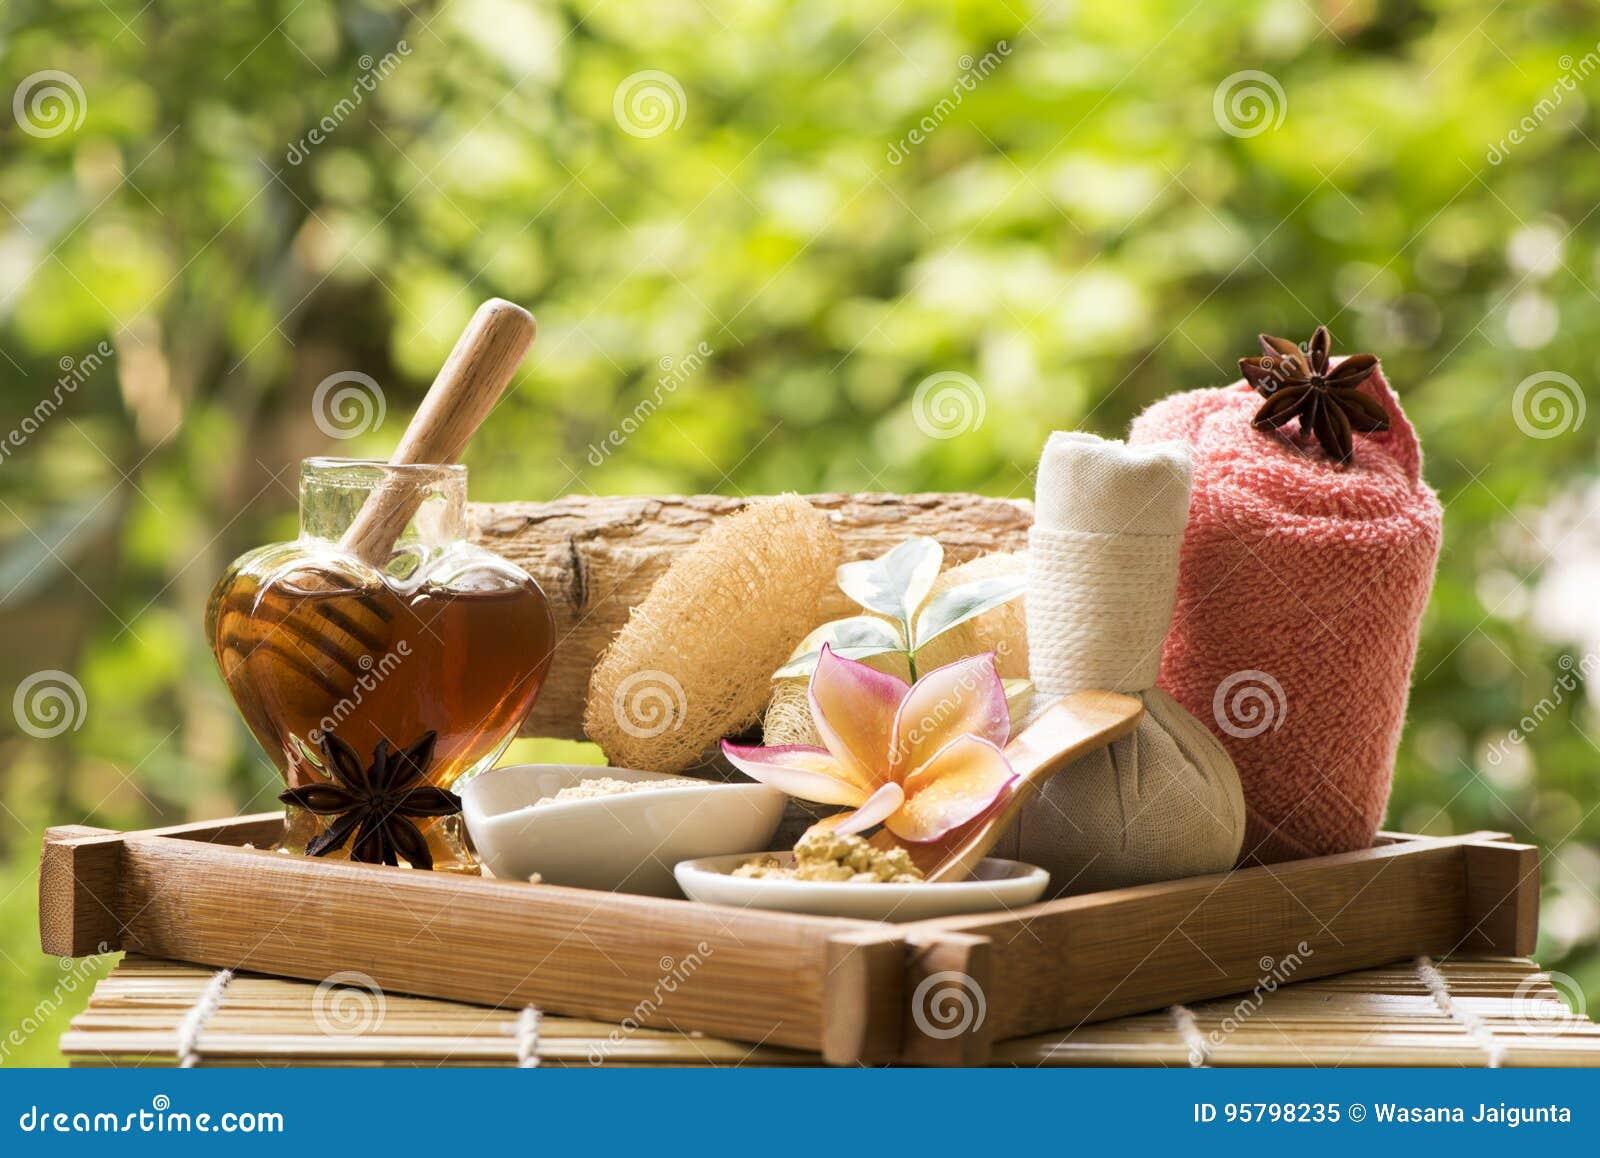 Maschera di protezione con Thanaka e miele, trattamenti della stazione termale su sfondo naturale